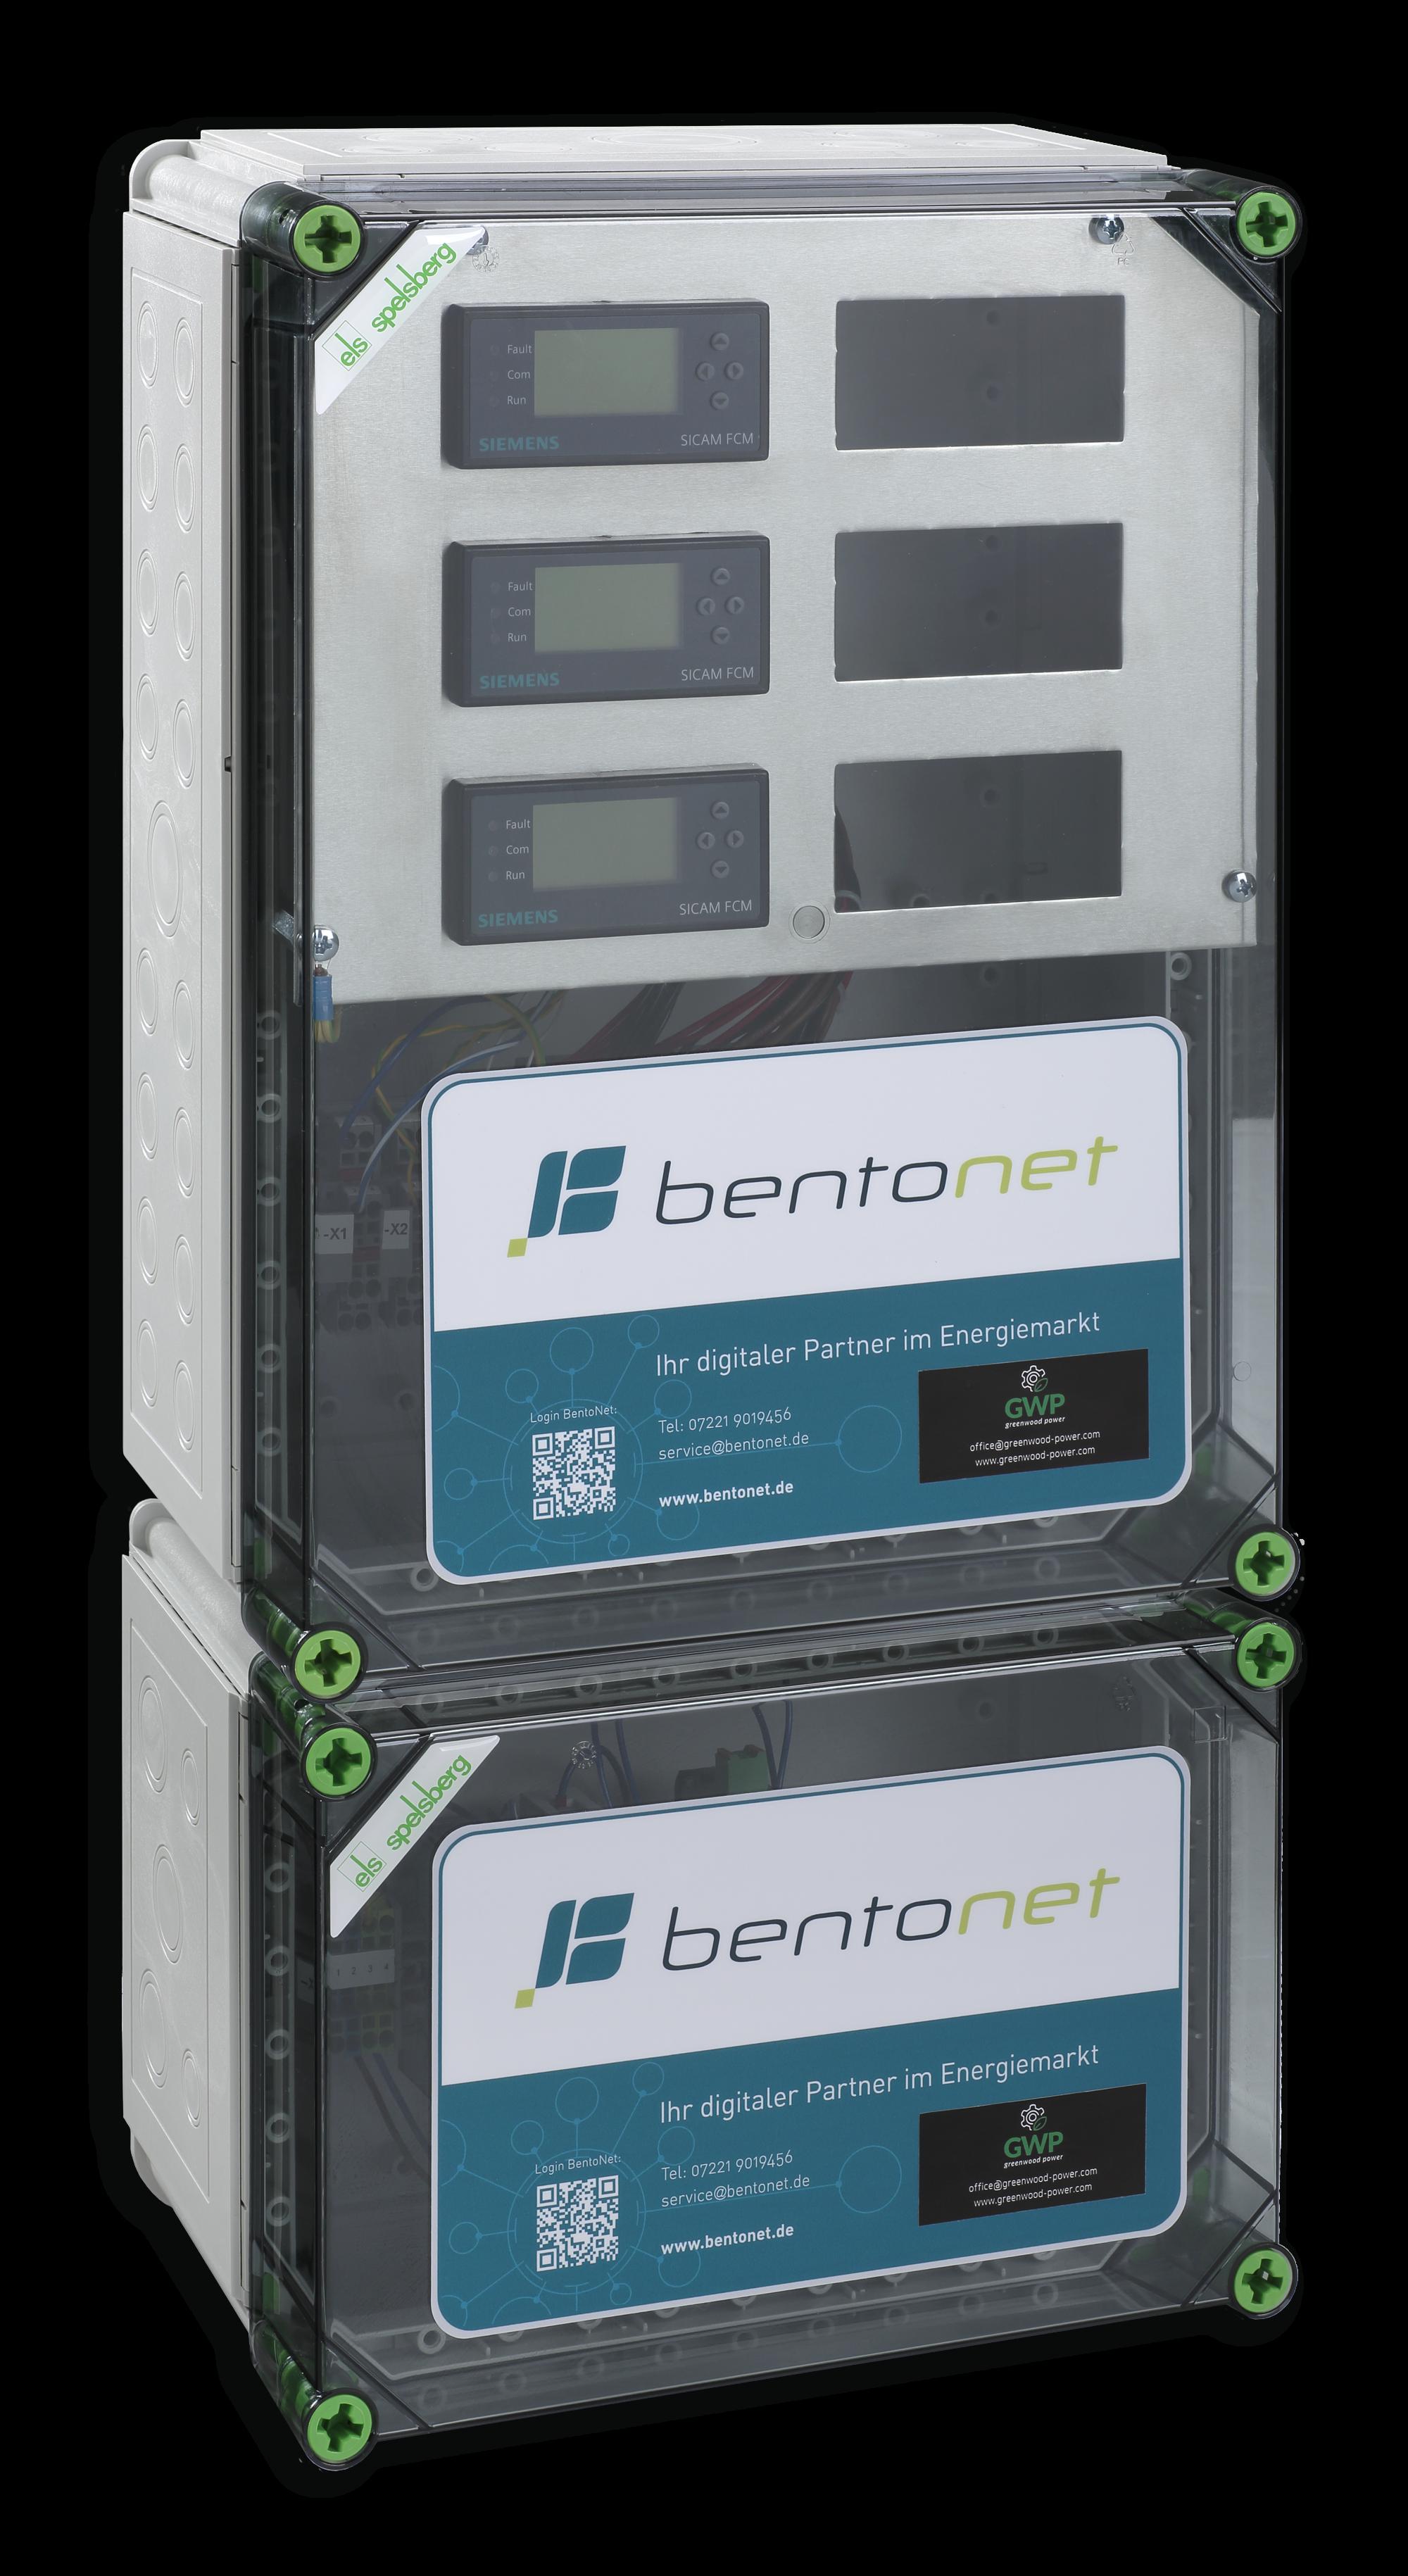 Bentonet_1u2_vert_frei-2000PX